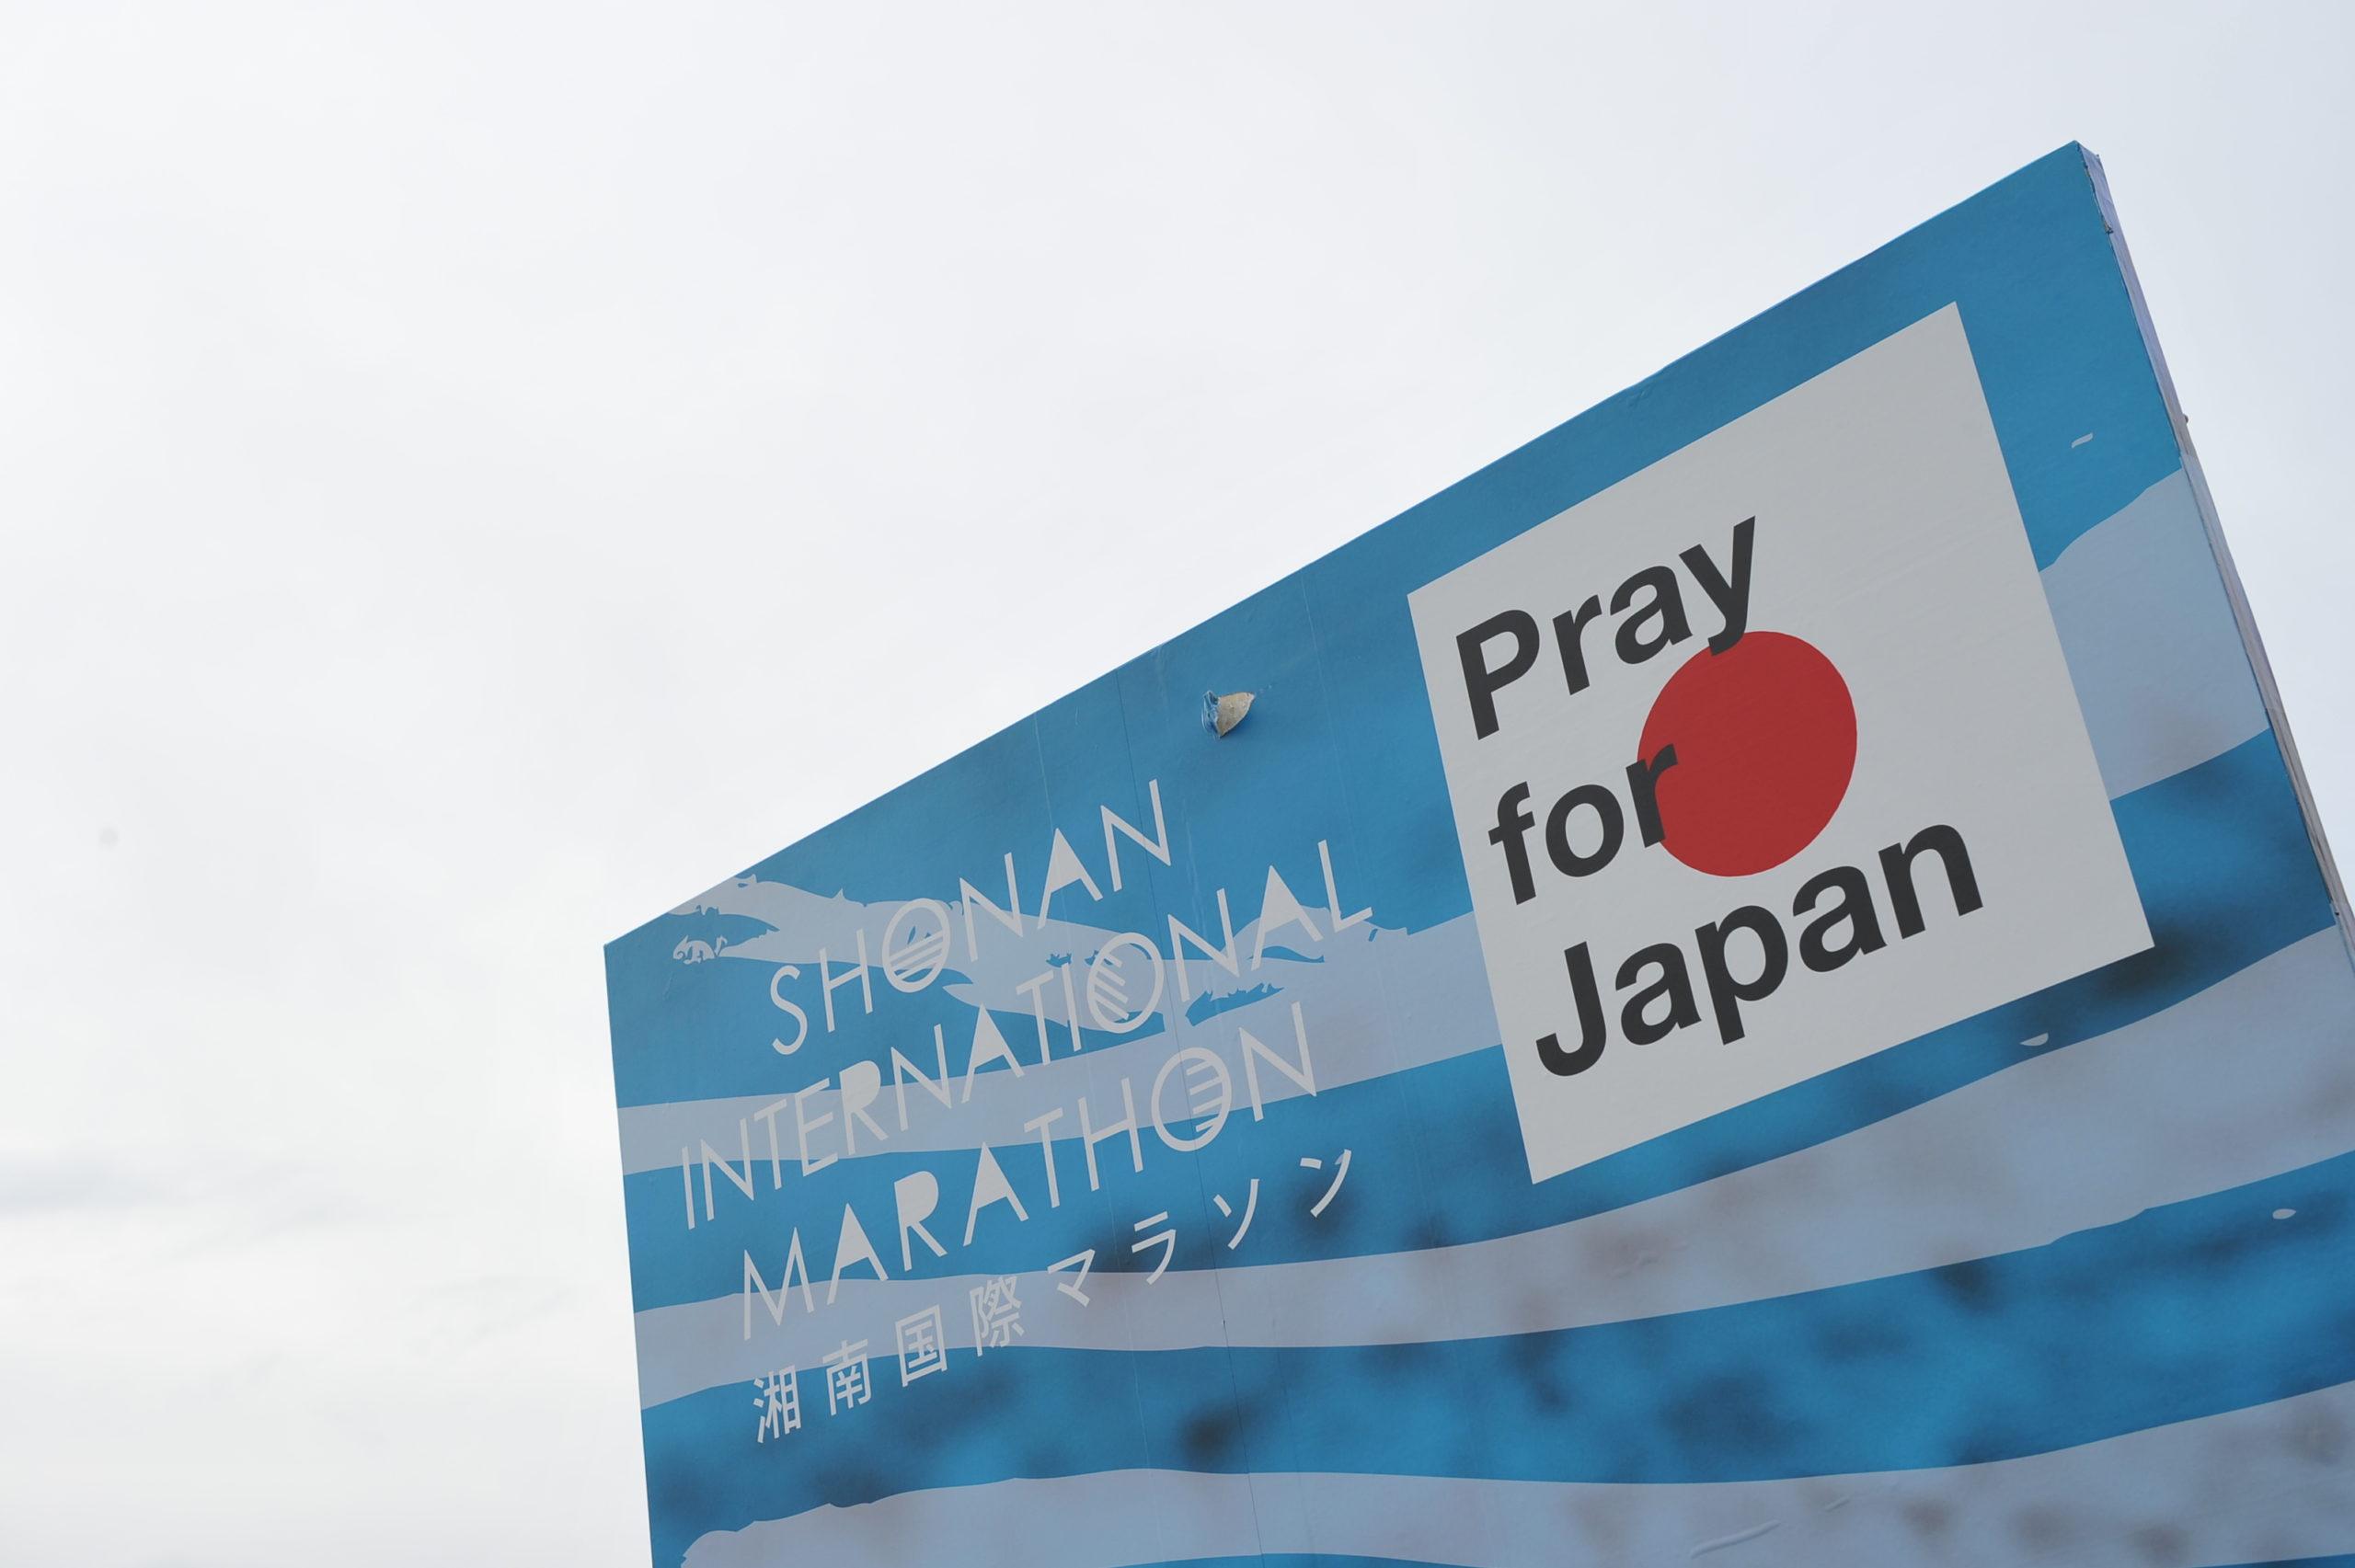 サブ4を達成した2011年11月3日の第6回湘南国際マラソン